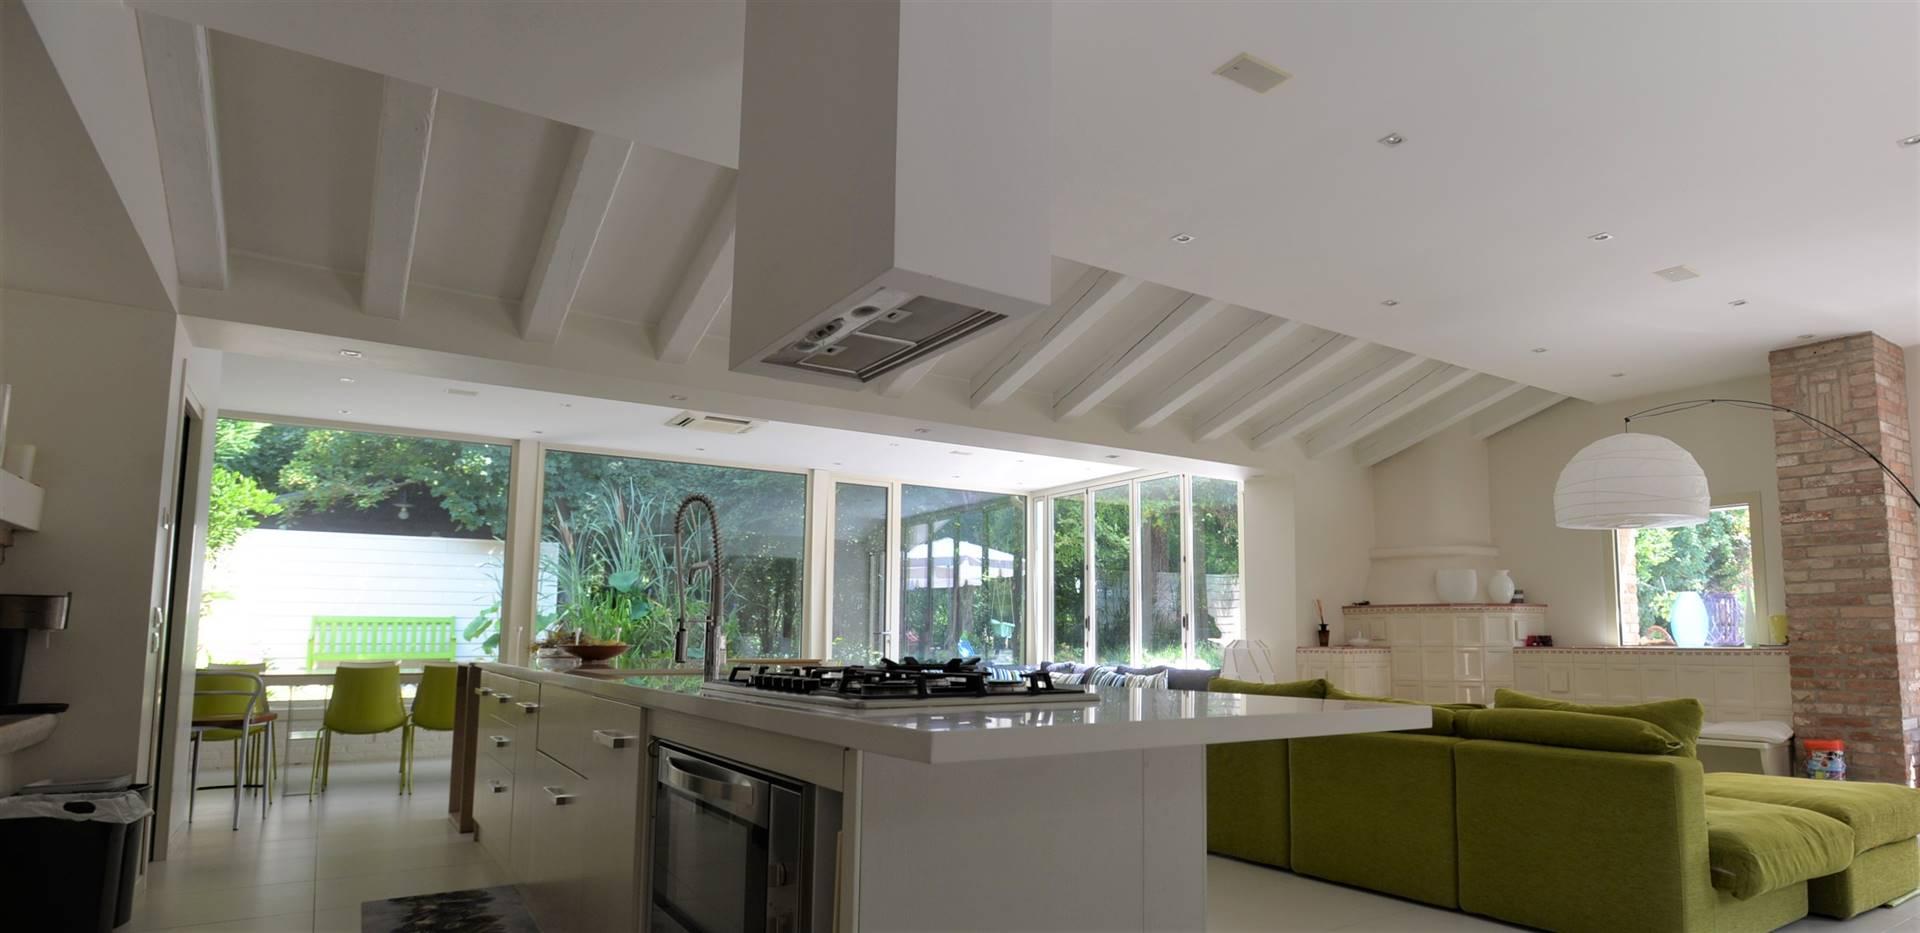 MIRANO, Villa zu verkaufen von 430 Qm, Beste ausstattung, Heizung Bodenheizung, am boden Land auf 1, zusammengestellt von: 9 Raume, Separate Küche, , 4 Zimmer, 4 Baeder, Garten Exklusiv, Preis: € 700.